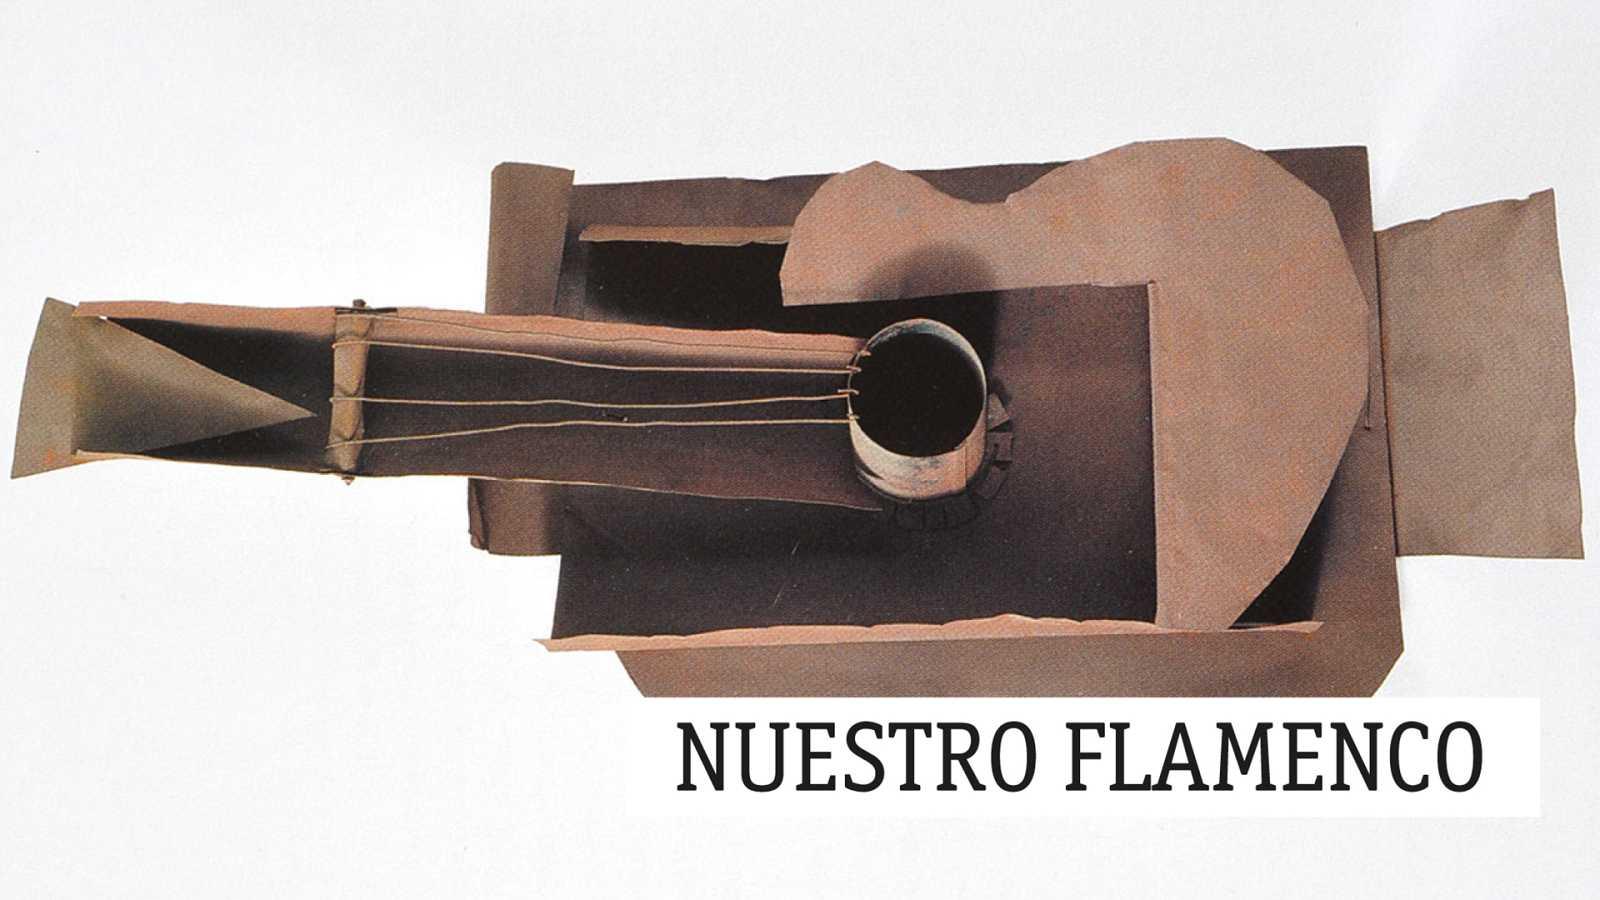 Nuestro Flamenco - Manolo Vargas y Pepe el Culata - 06/05/21 - escuchar ahora